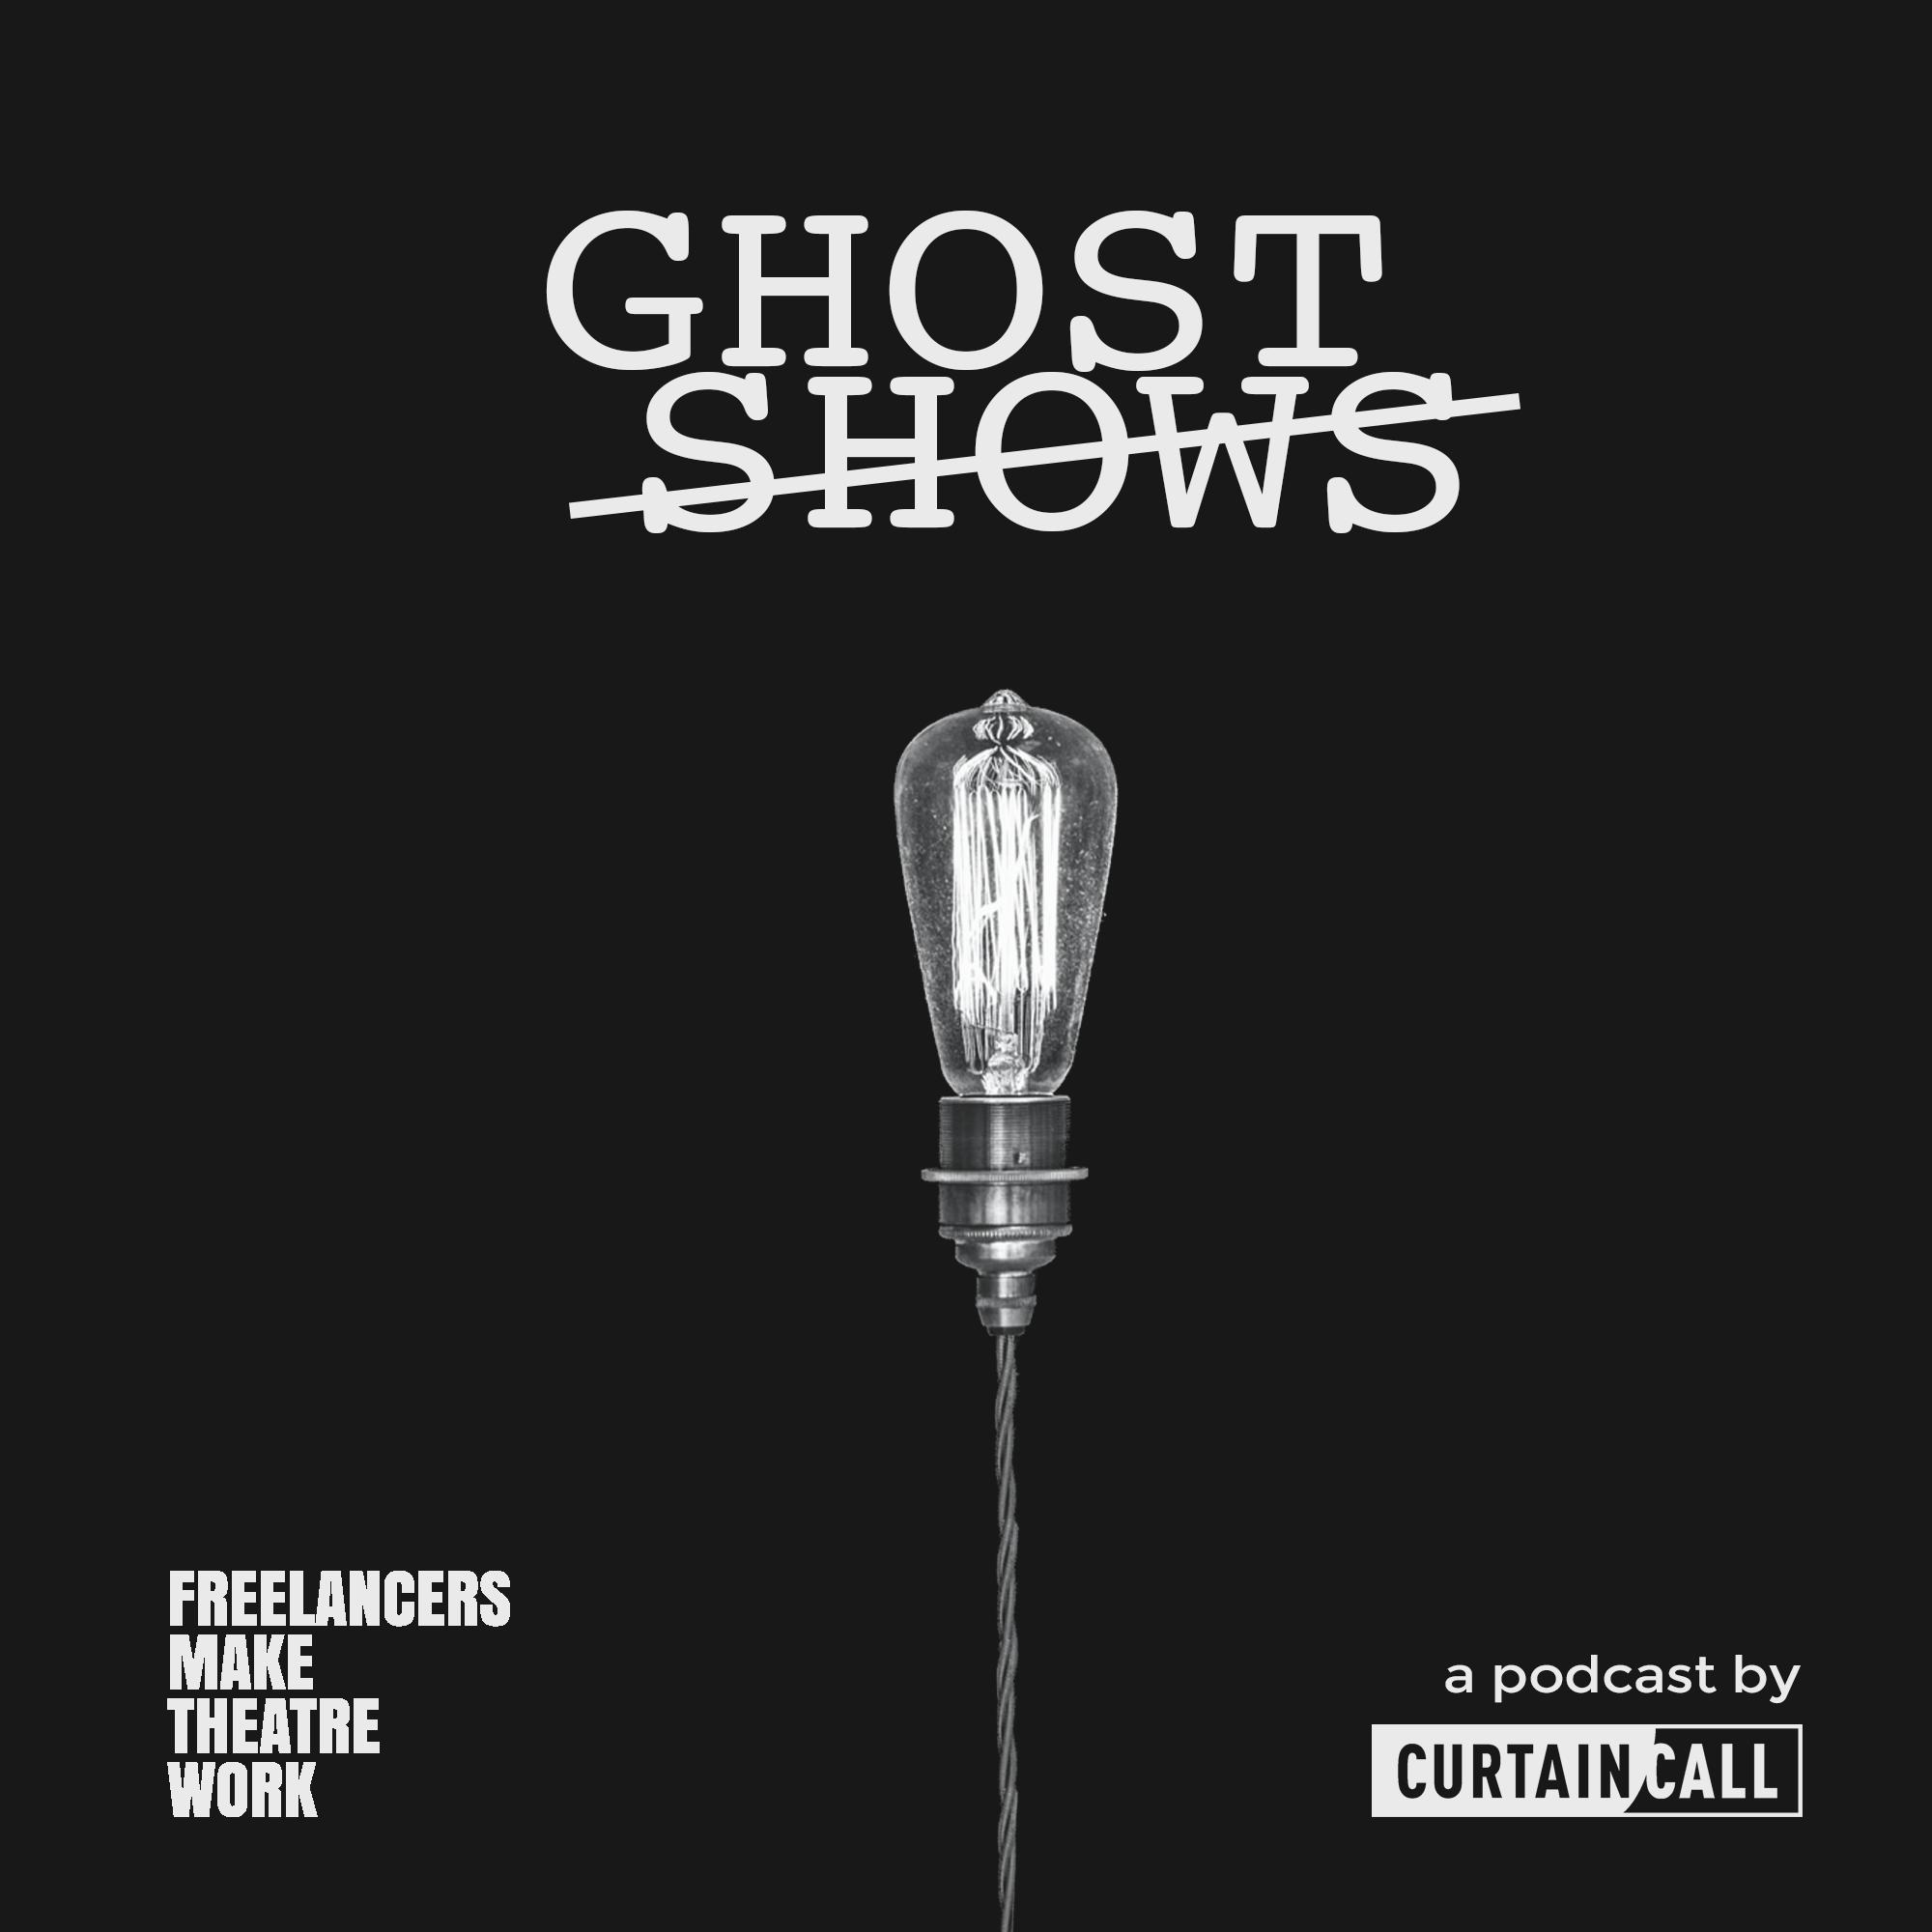 GhostShows_artwork